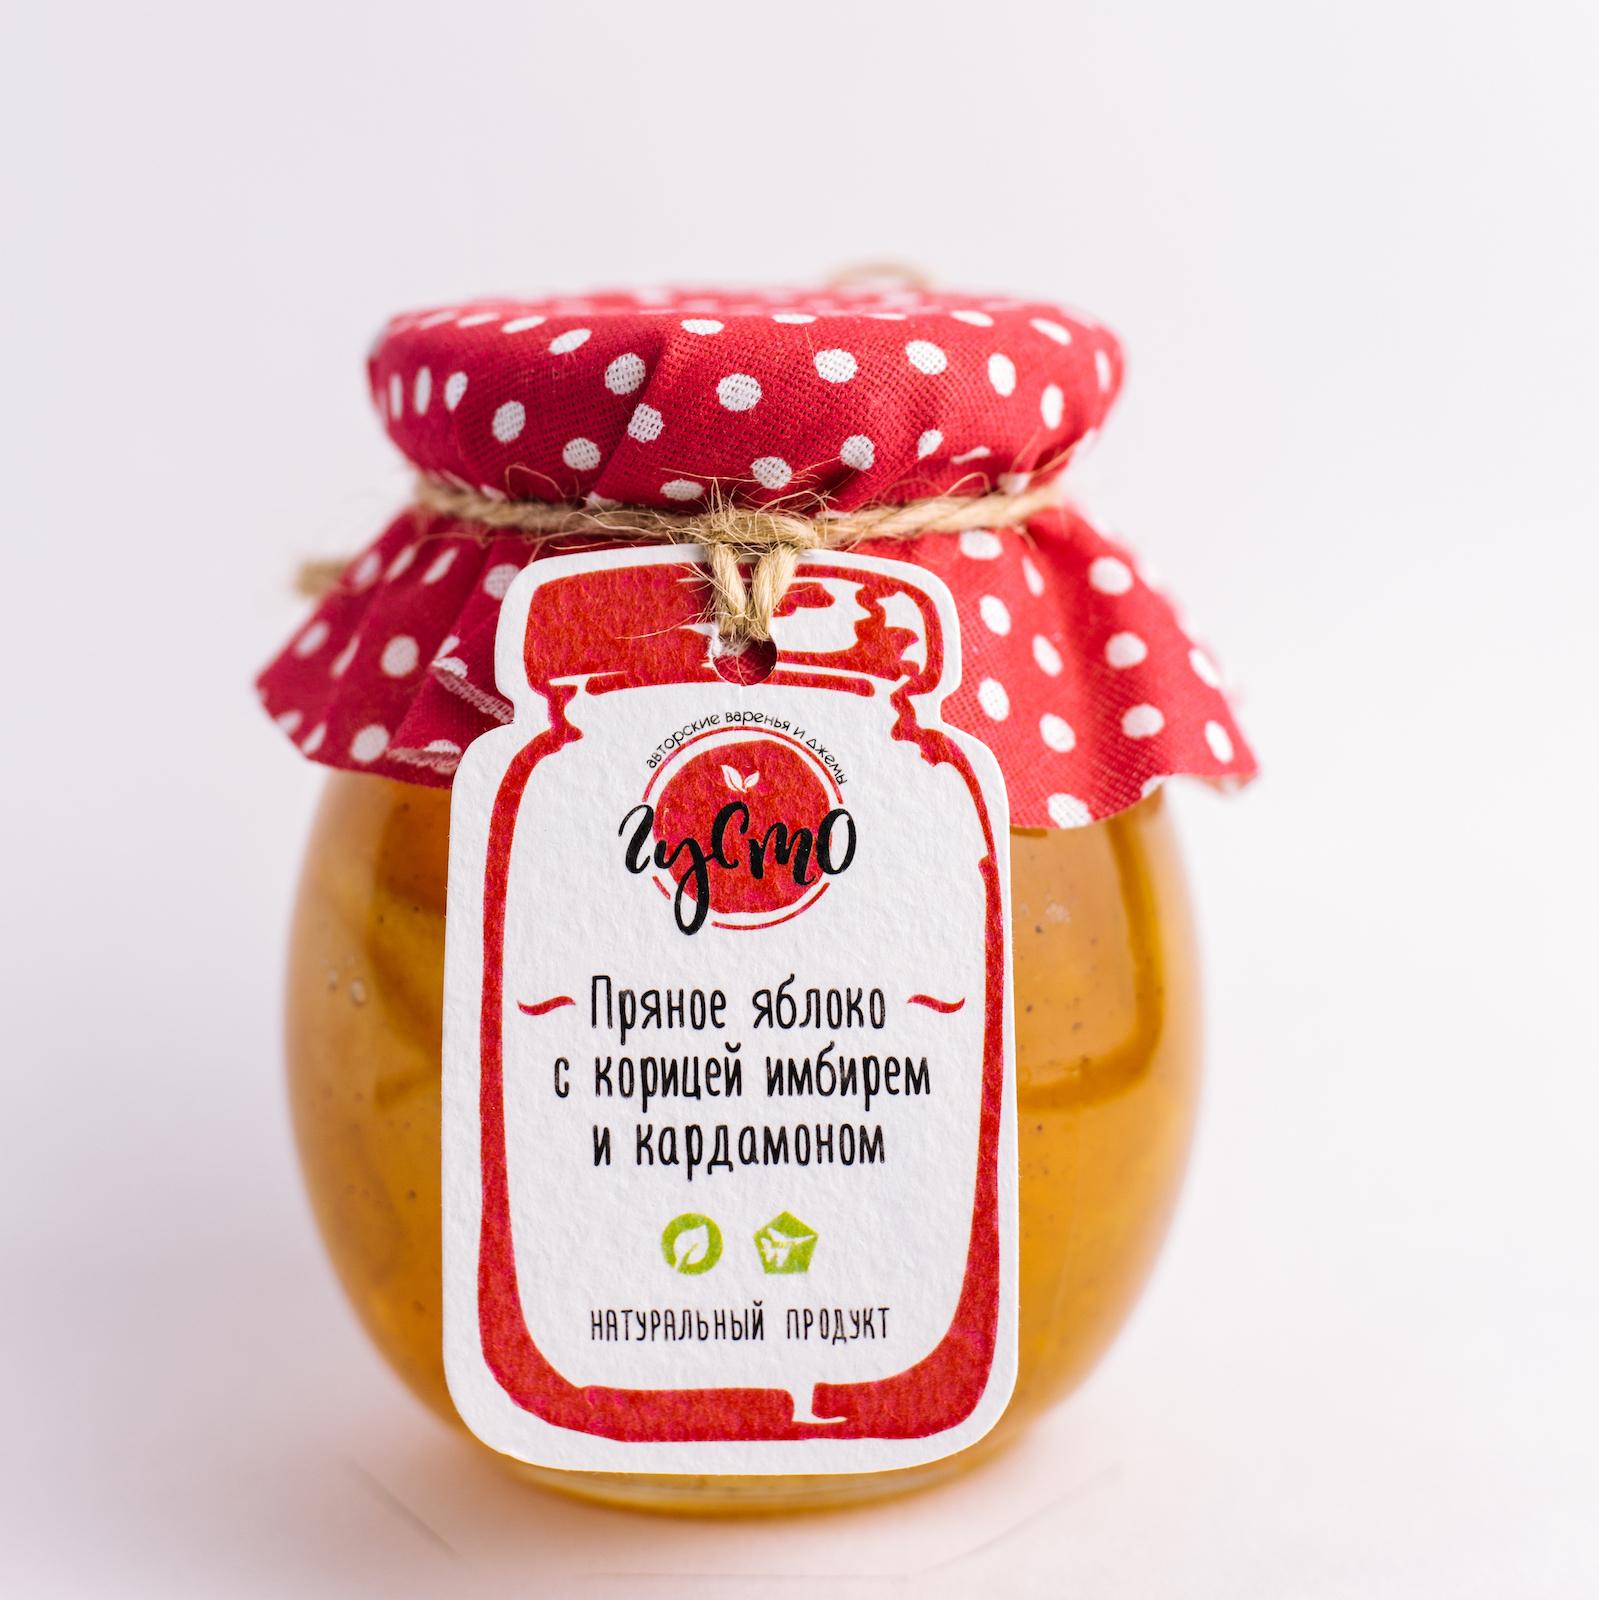 """Варенье """"ГУСТО"""" из яблока с корицей, имбирем и кардамоном 230 мл"""